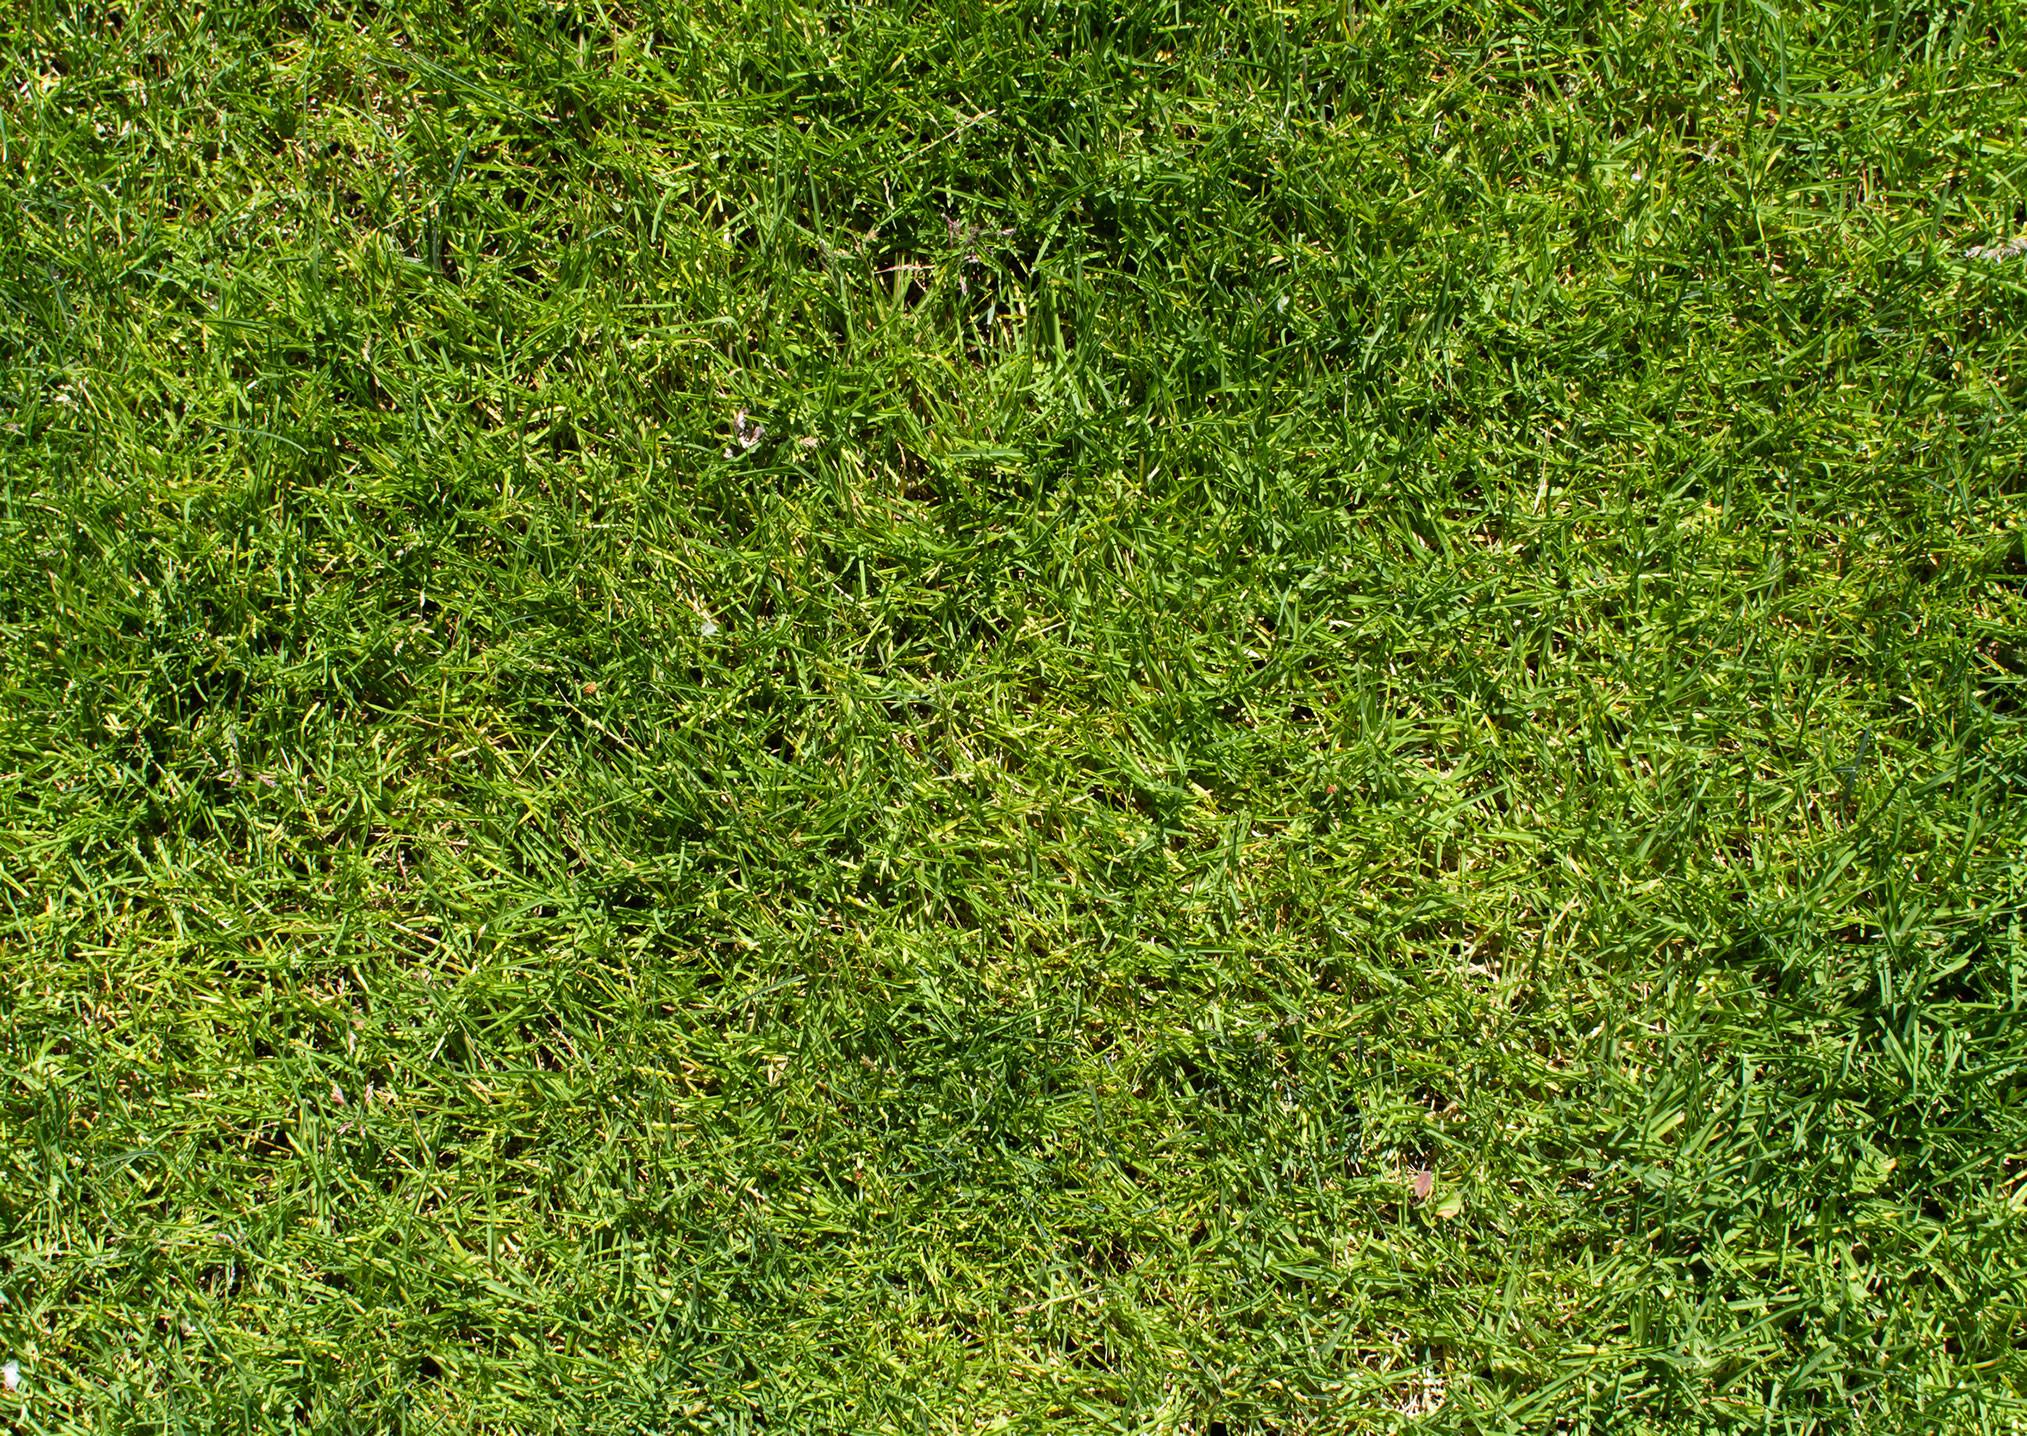 Текстура зеленой травы, фото, обои